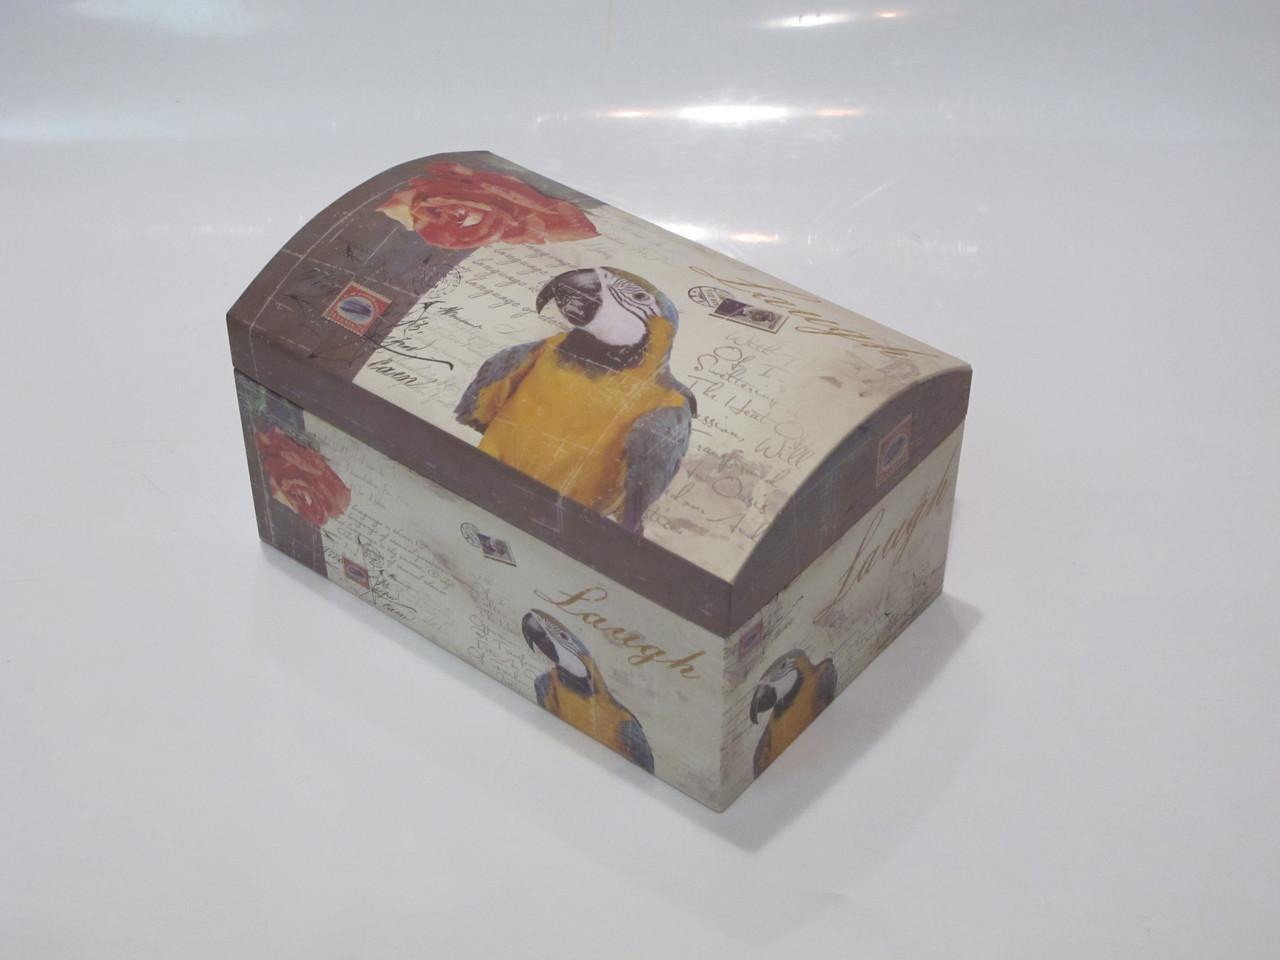 Коробочка праздничная упаковочная (подарочная) в виде сундучка с попугаем для хранения (S)